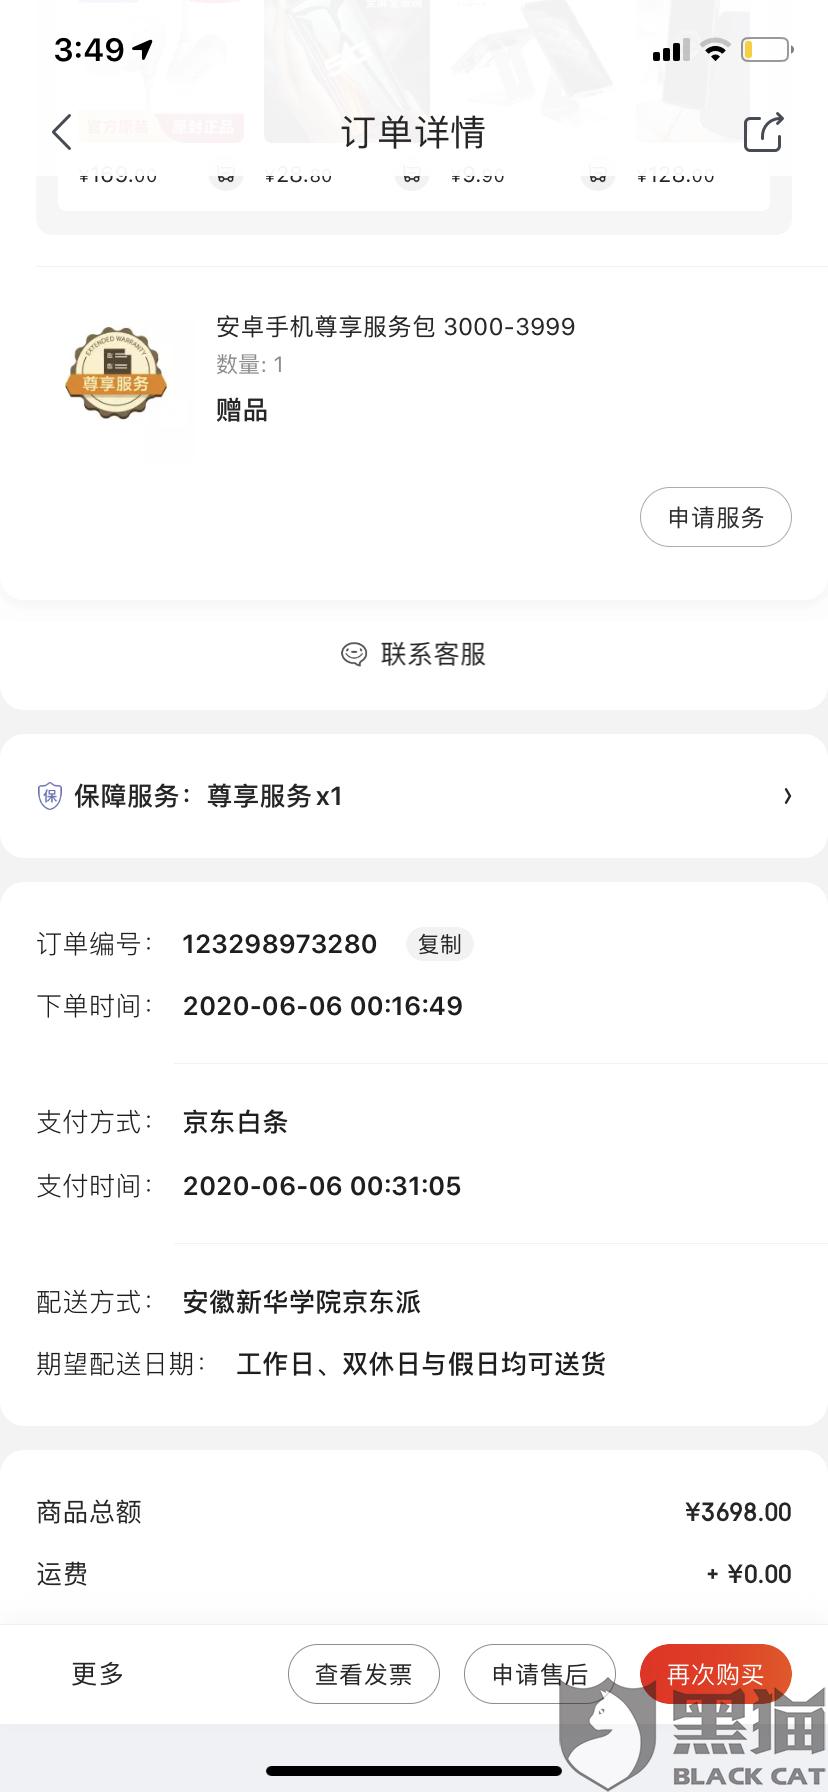 黑猫投诉:IQOO京东自营旗舰店欺骗消费者虚假宣传,拒绝提供当初允诺的碎屏保服务